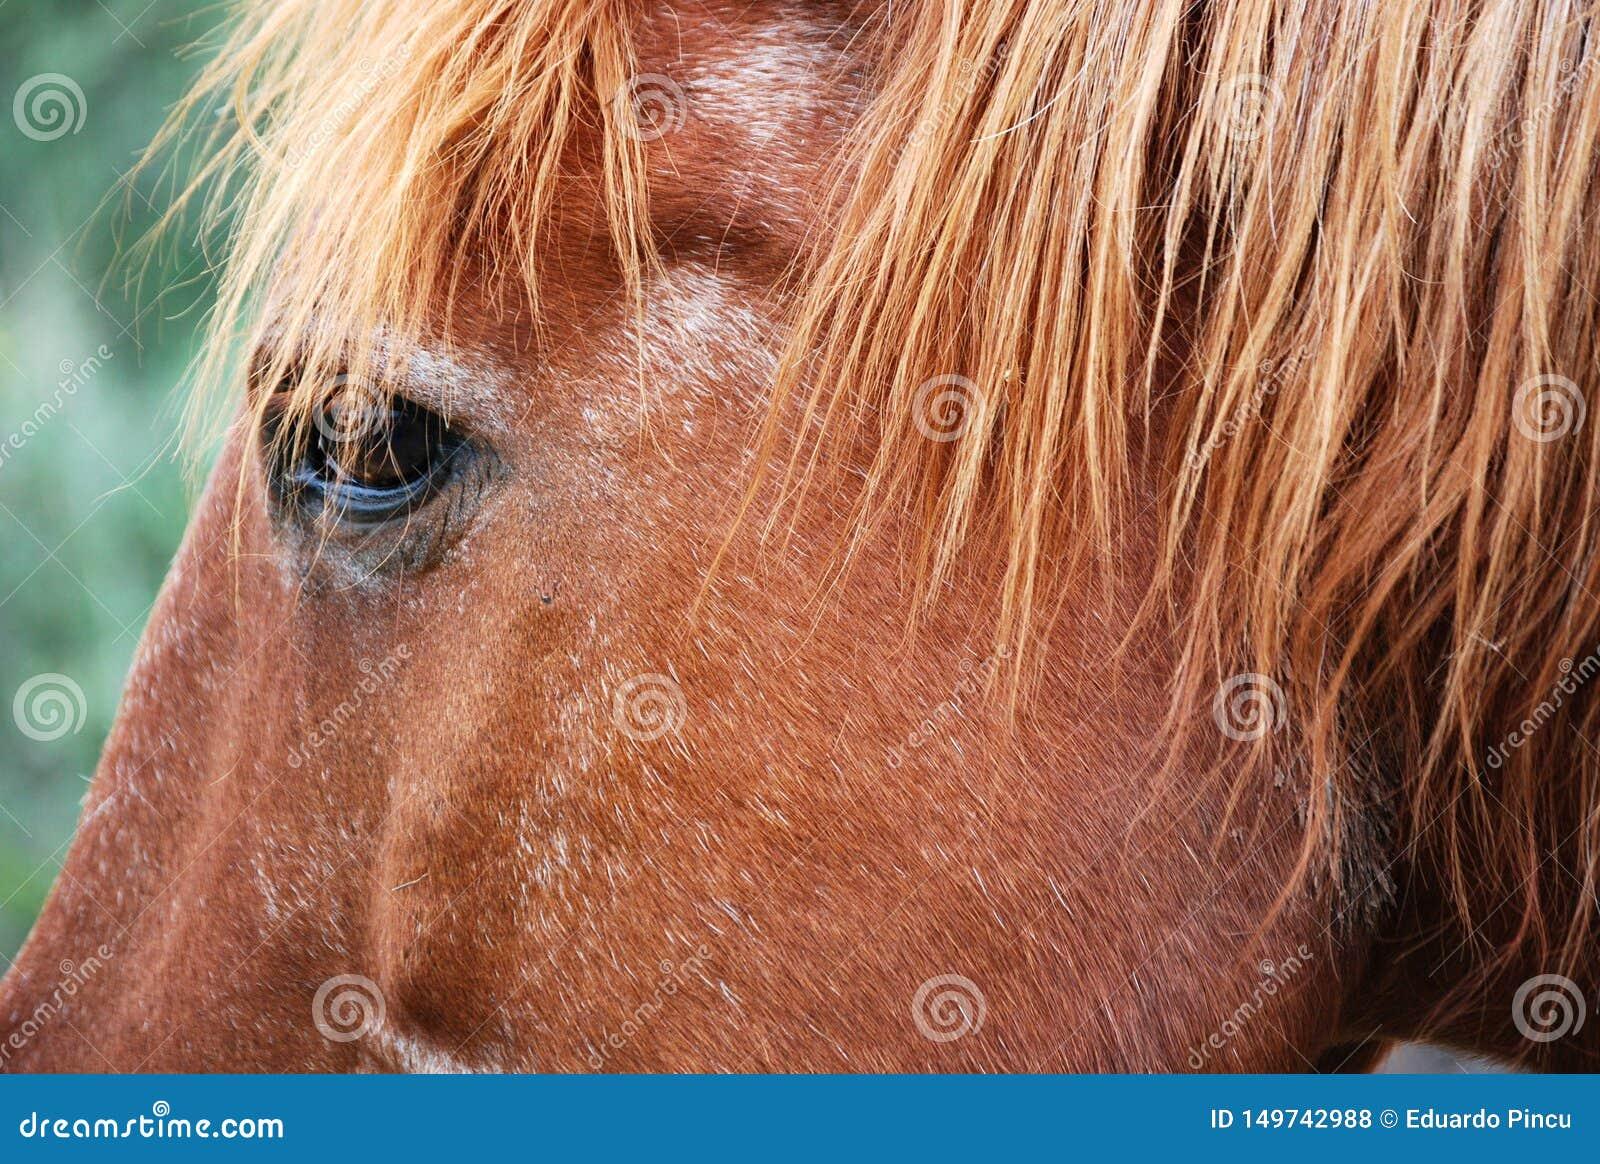 Brown-Pferdeauge auf Argentiniercordoba-Gebiet